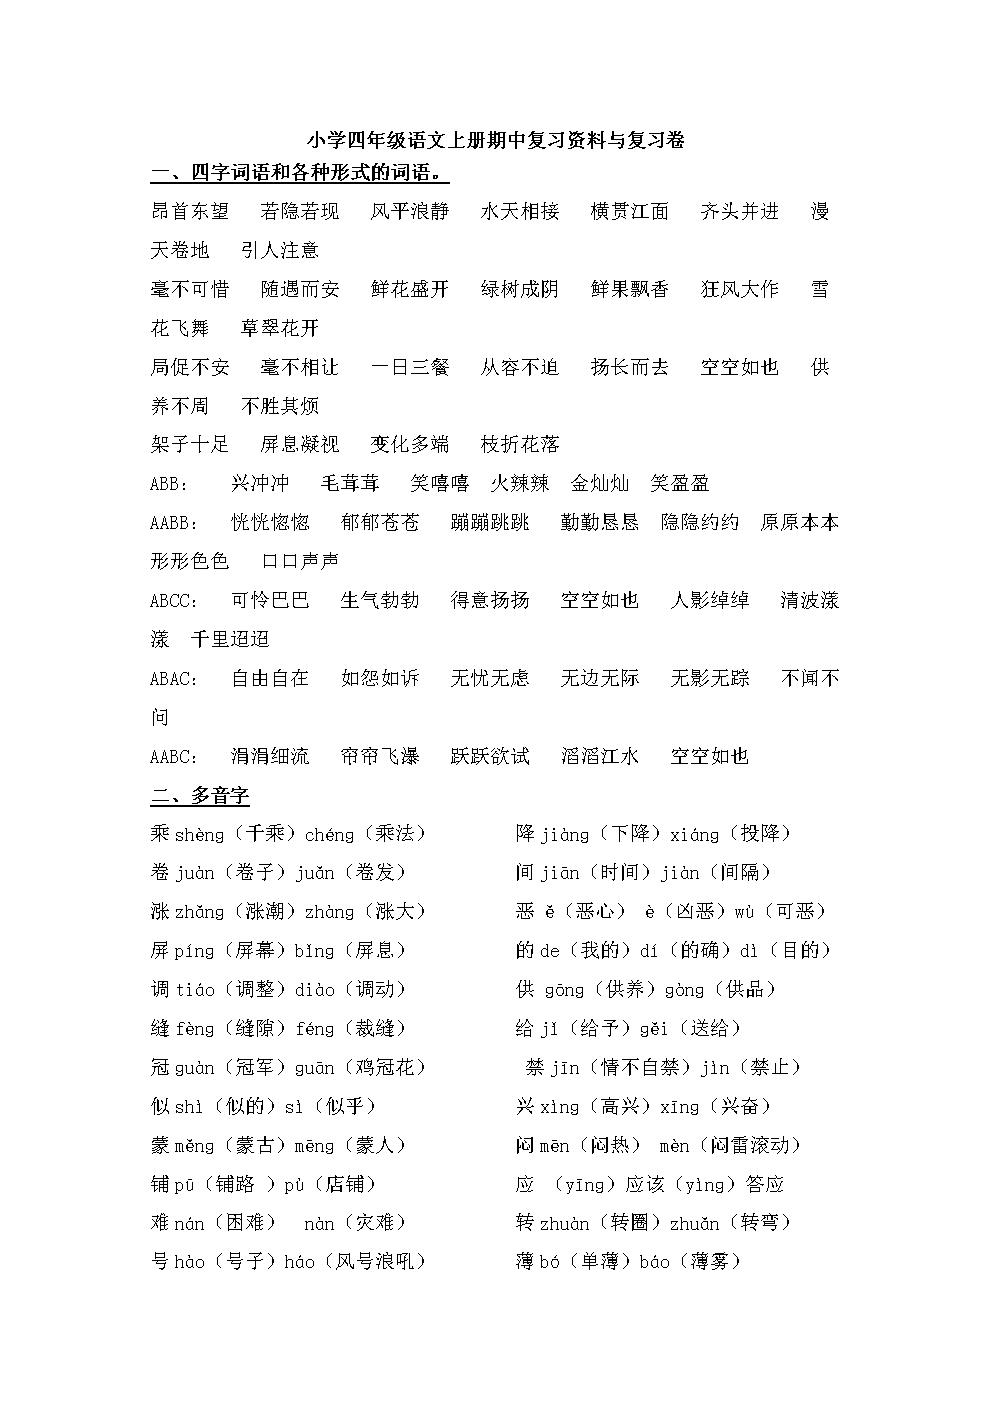 小学四年级文上册期中复习资料与复习卷.doc图片